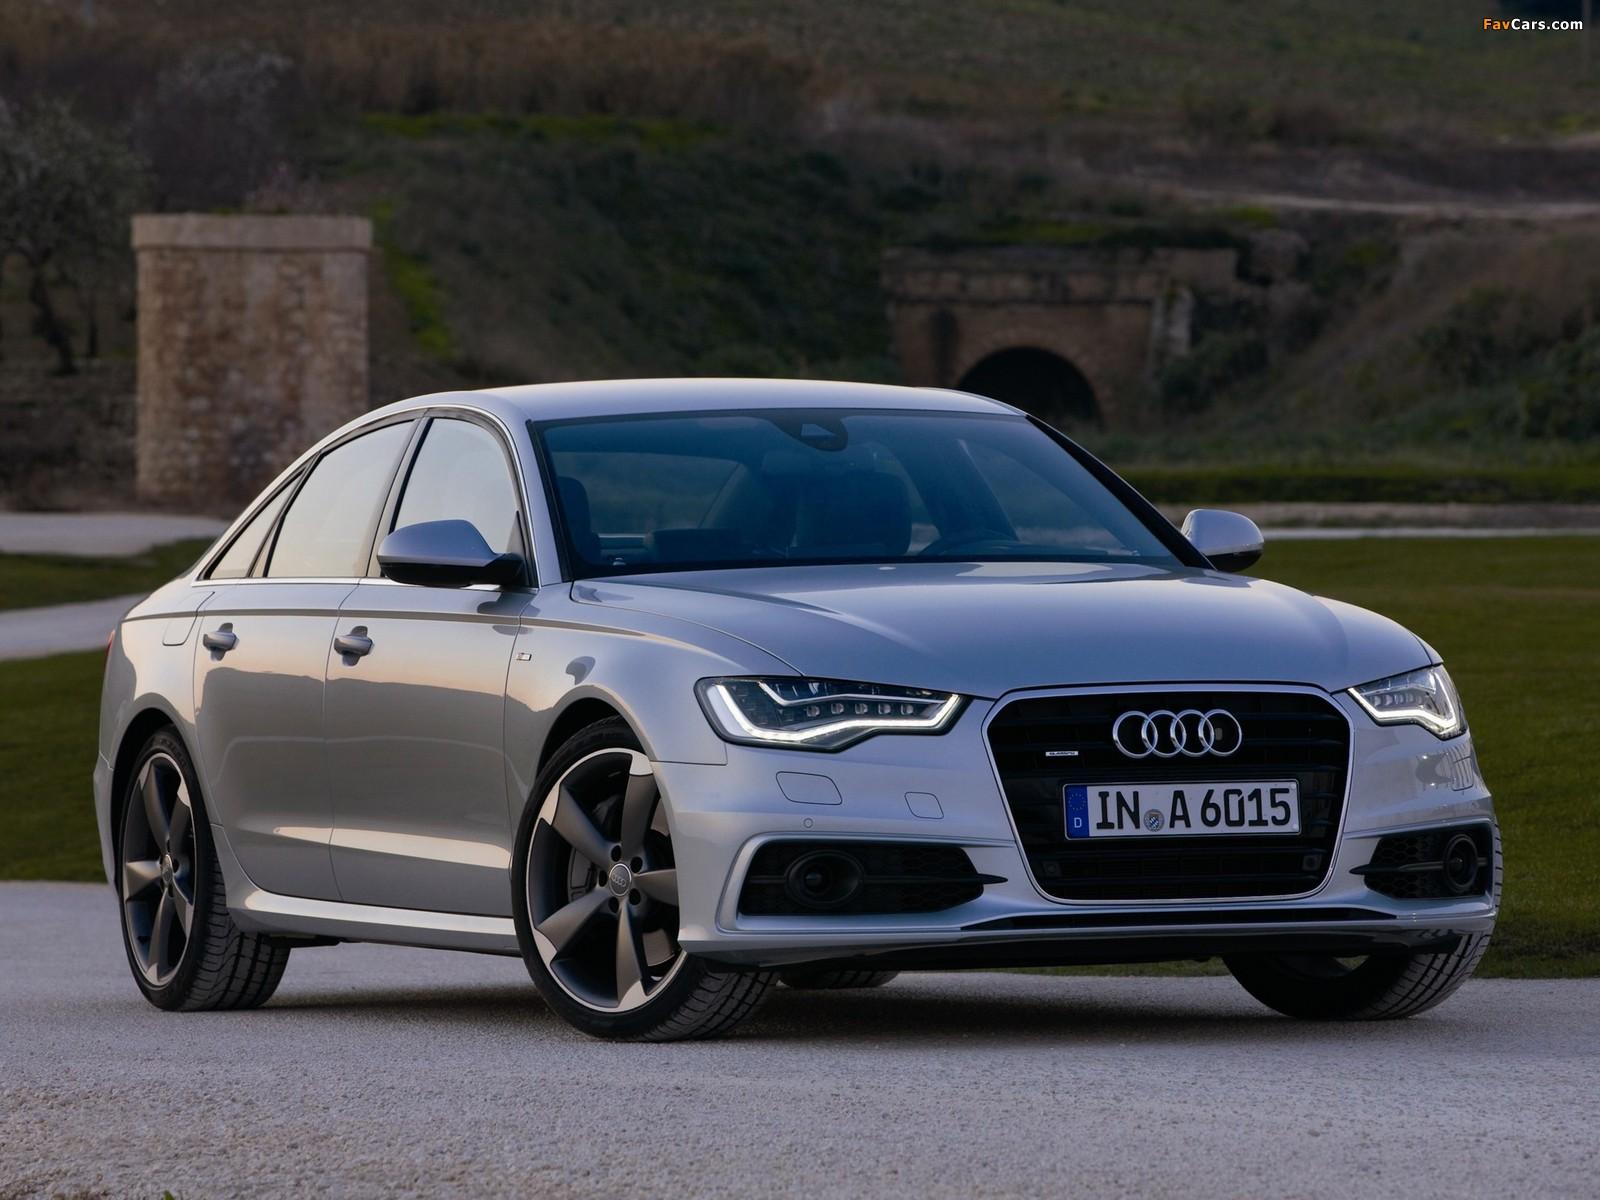 Audi A6 3 0t S Line Sedan 4g C7 2011 Pictures 1600x1200